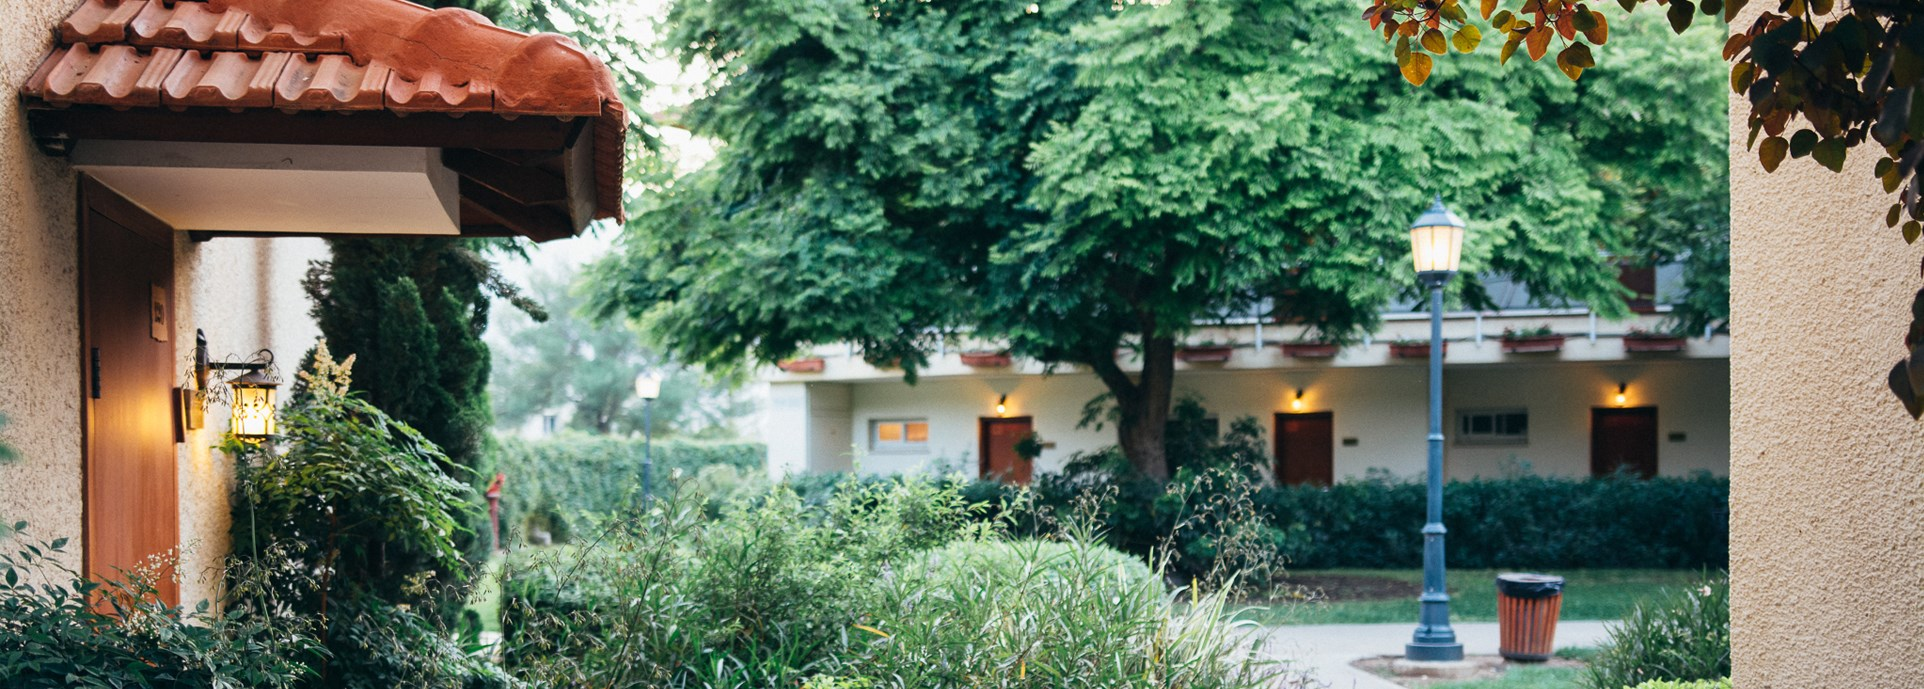 Pasoral Kfar Blum - exterior